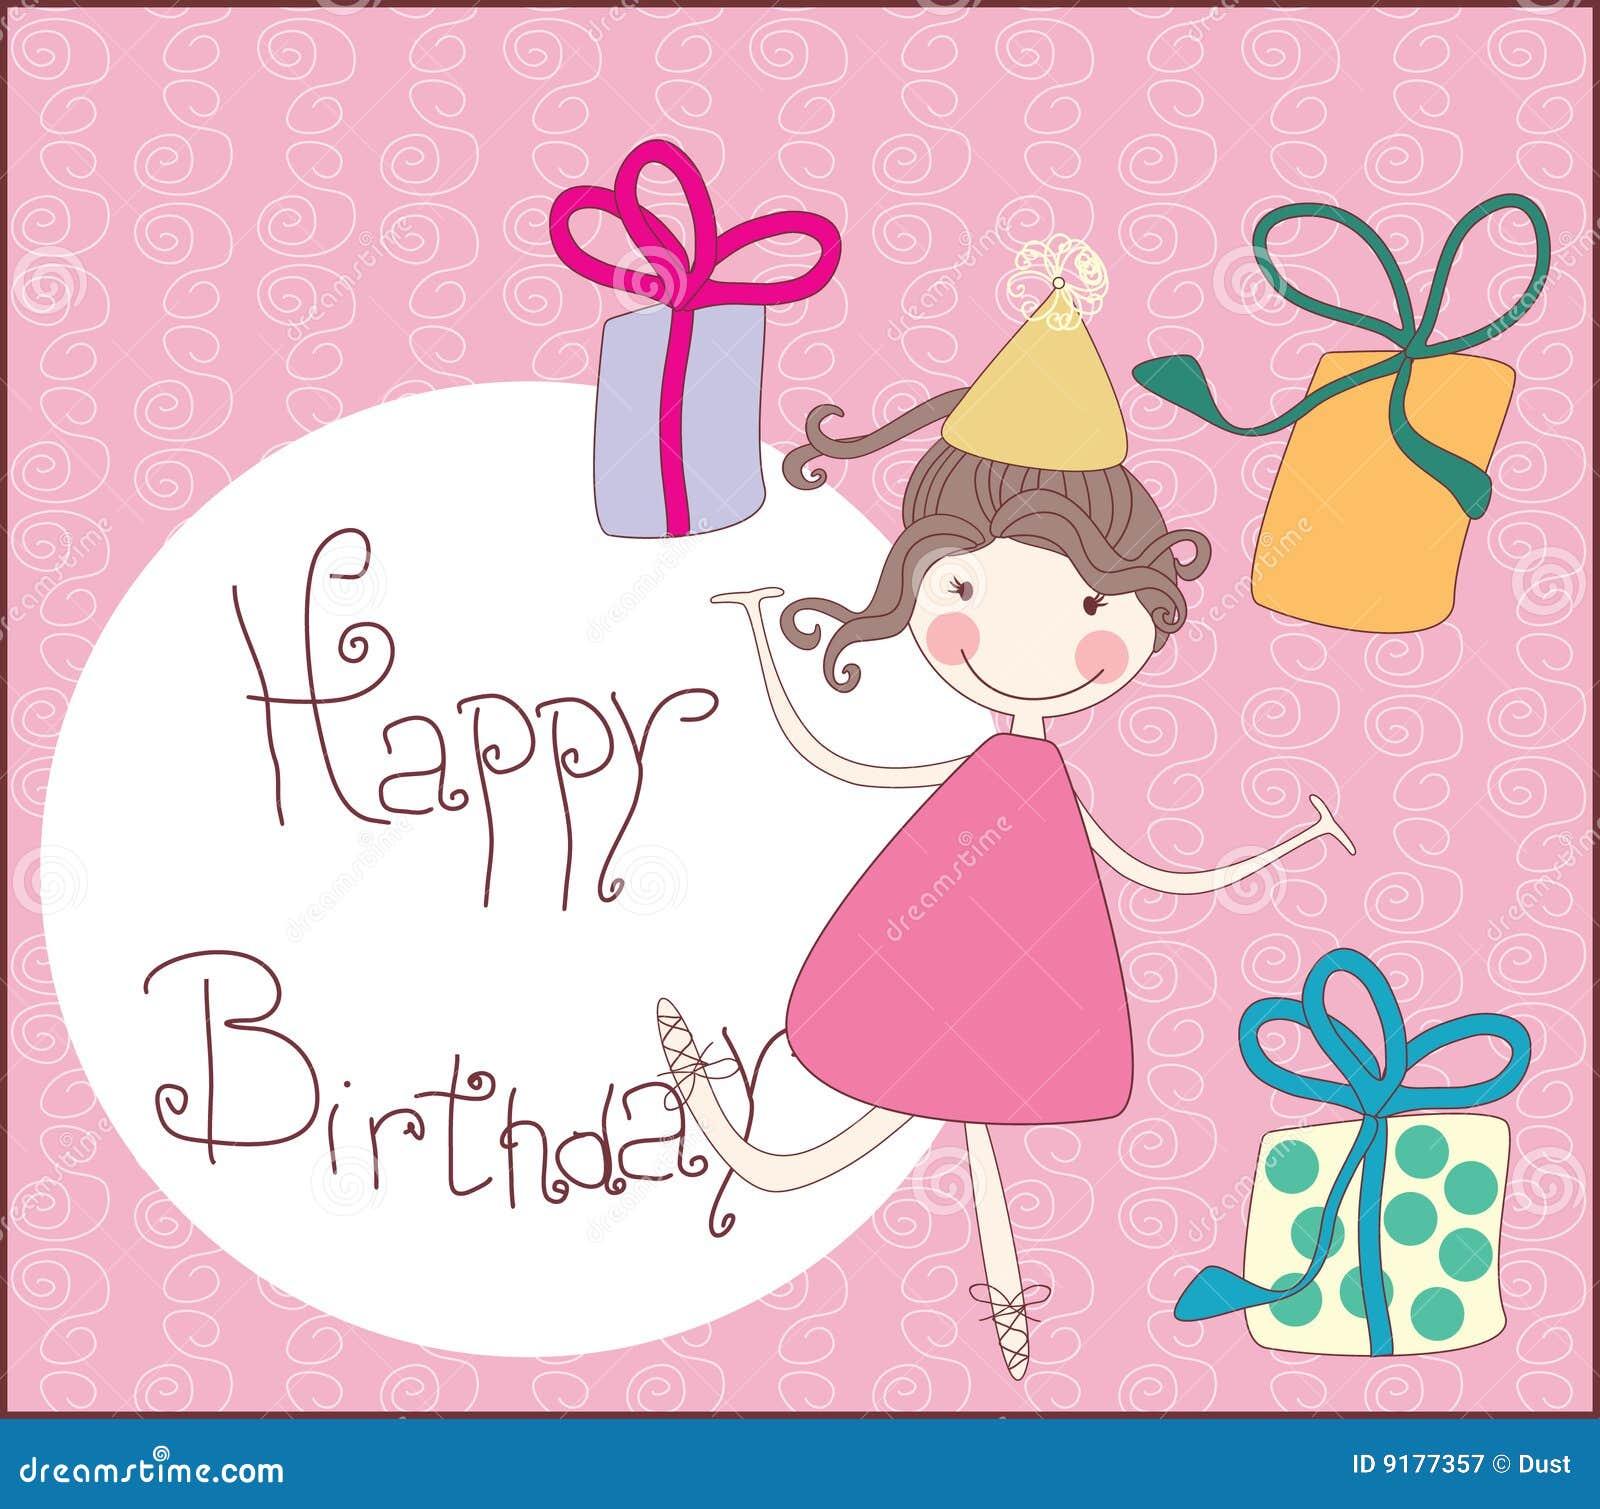 Поздравление с днем рождения девочке насте 8 лет 44